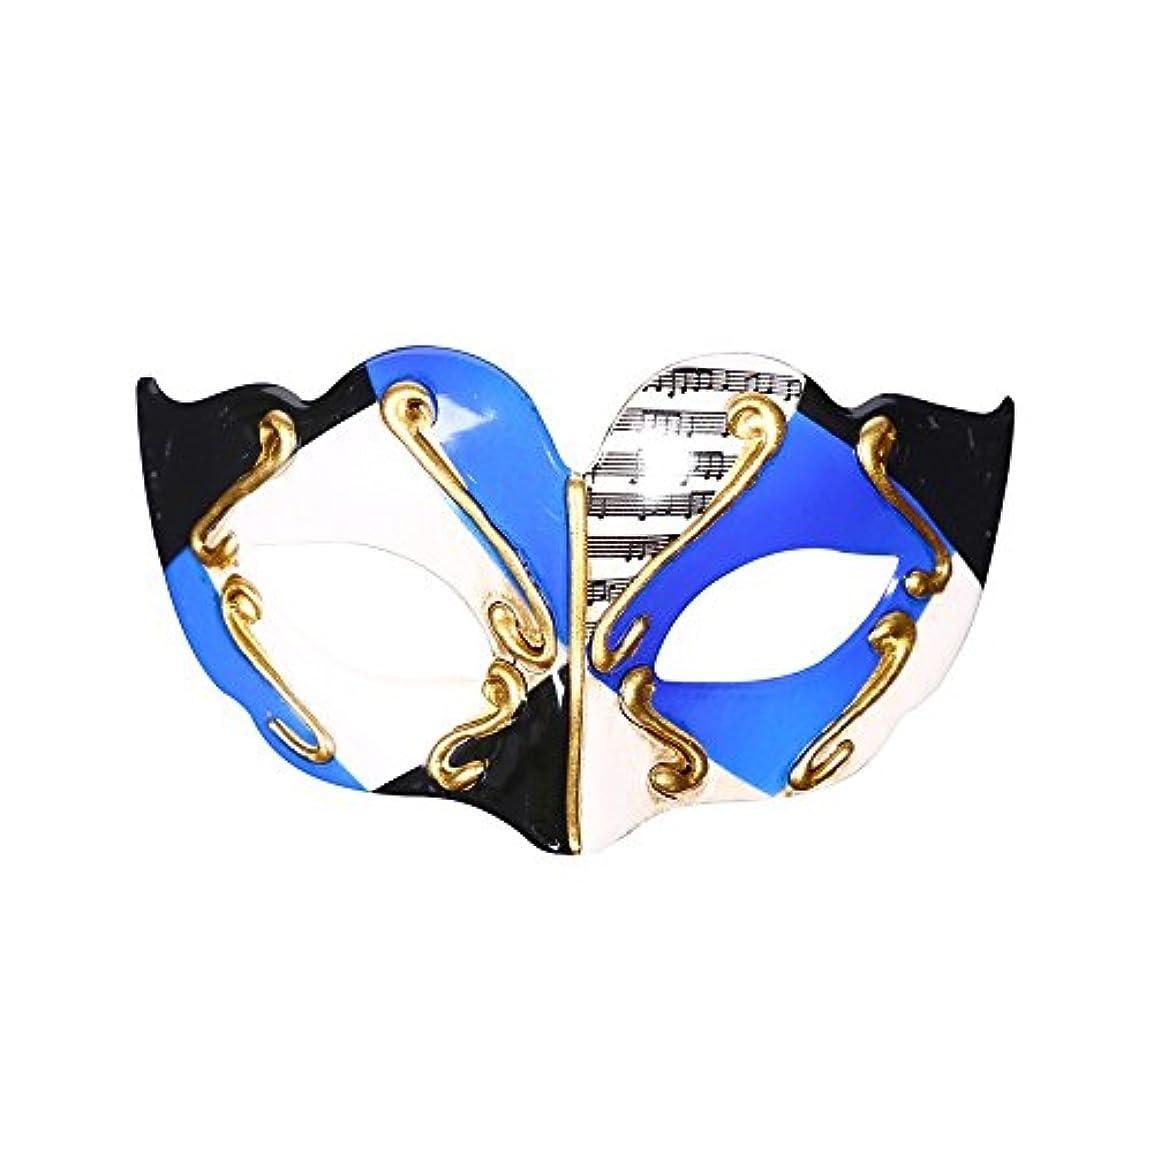 ホバー海洋フォアタイプハロウィーン仮面舞踏会マスクフラットヘッド半顔ハードプラスチック子供のマスク (Color : B)